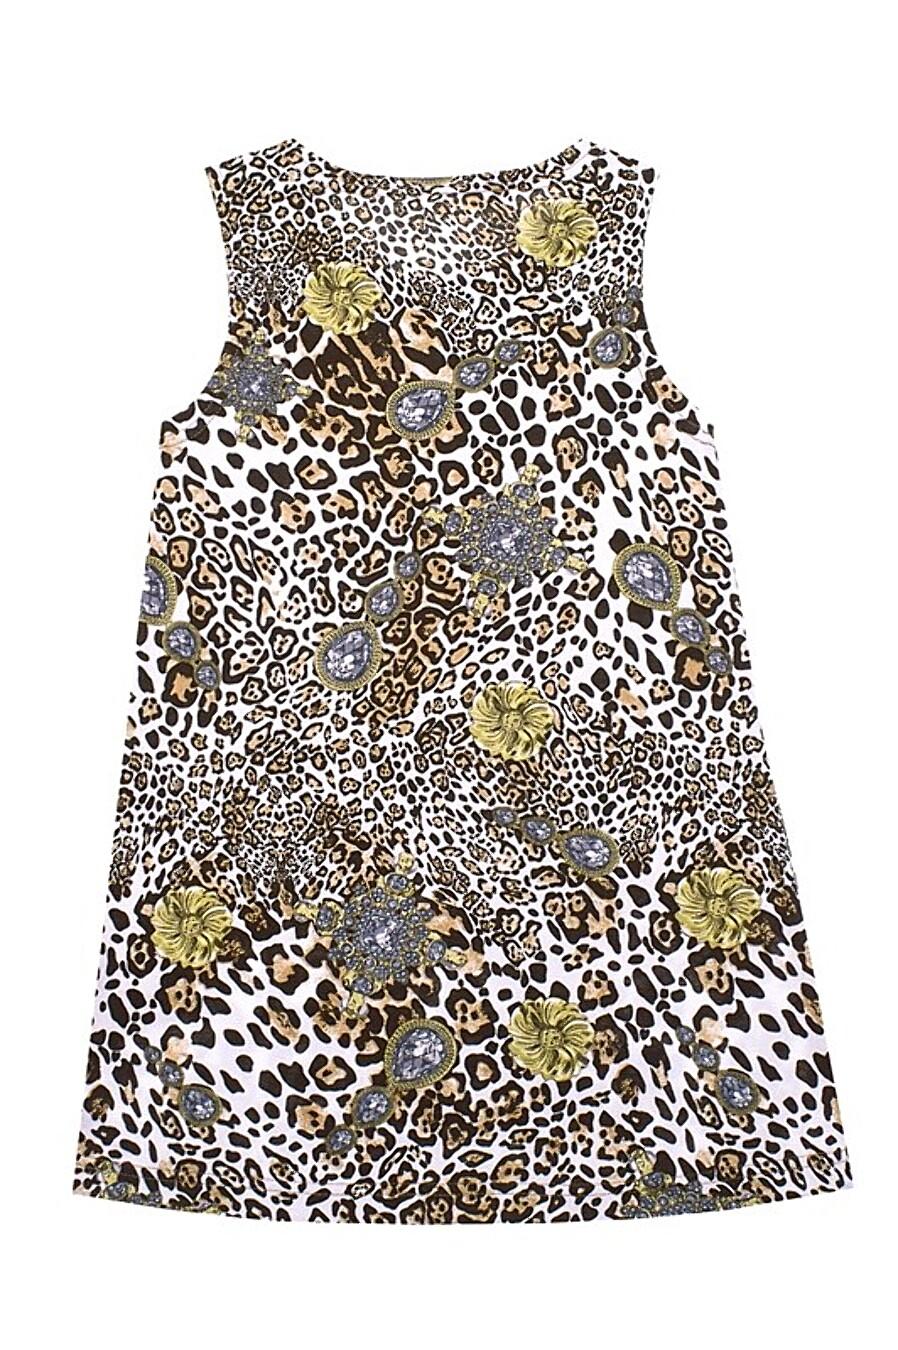 Сарафан для девочек Archi 158753 купить оптом от производителя. Совместная покупка детской одежды в OptMoyo